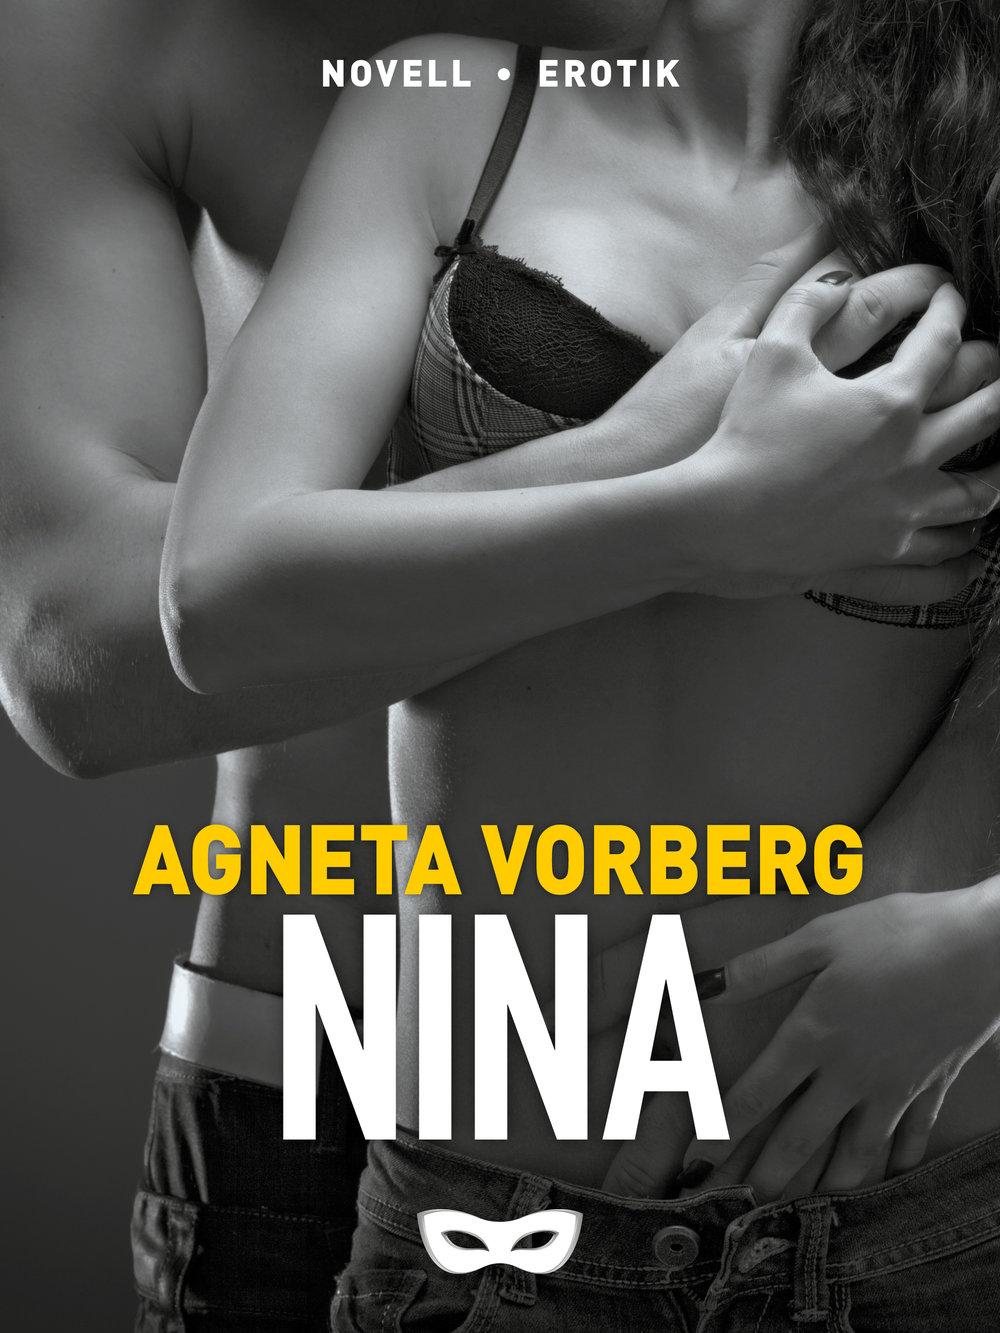 057_Nina_Agneta_Vorberg_L.jpg